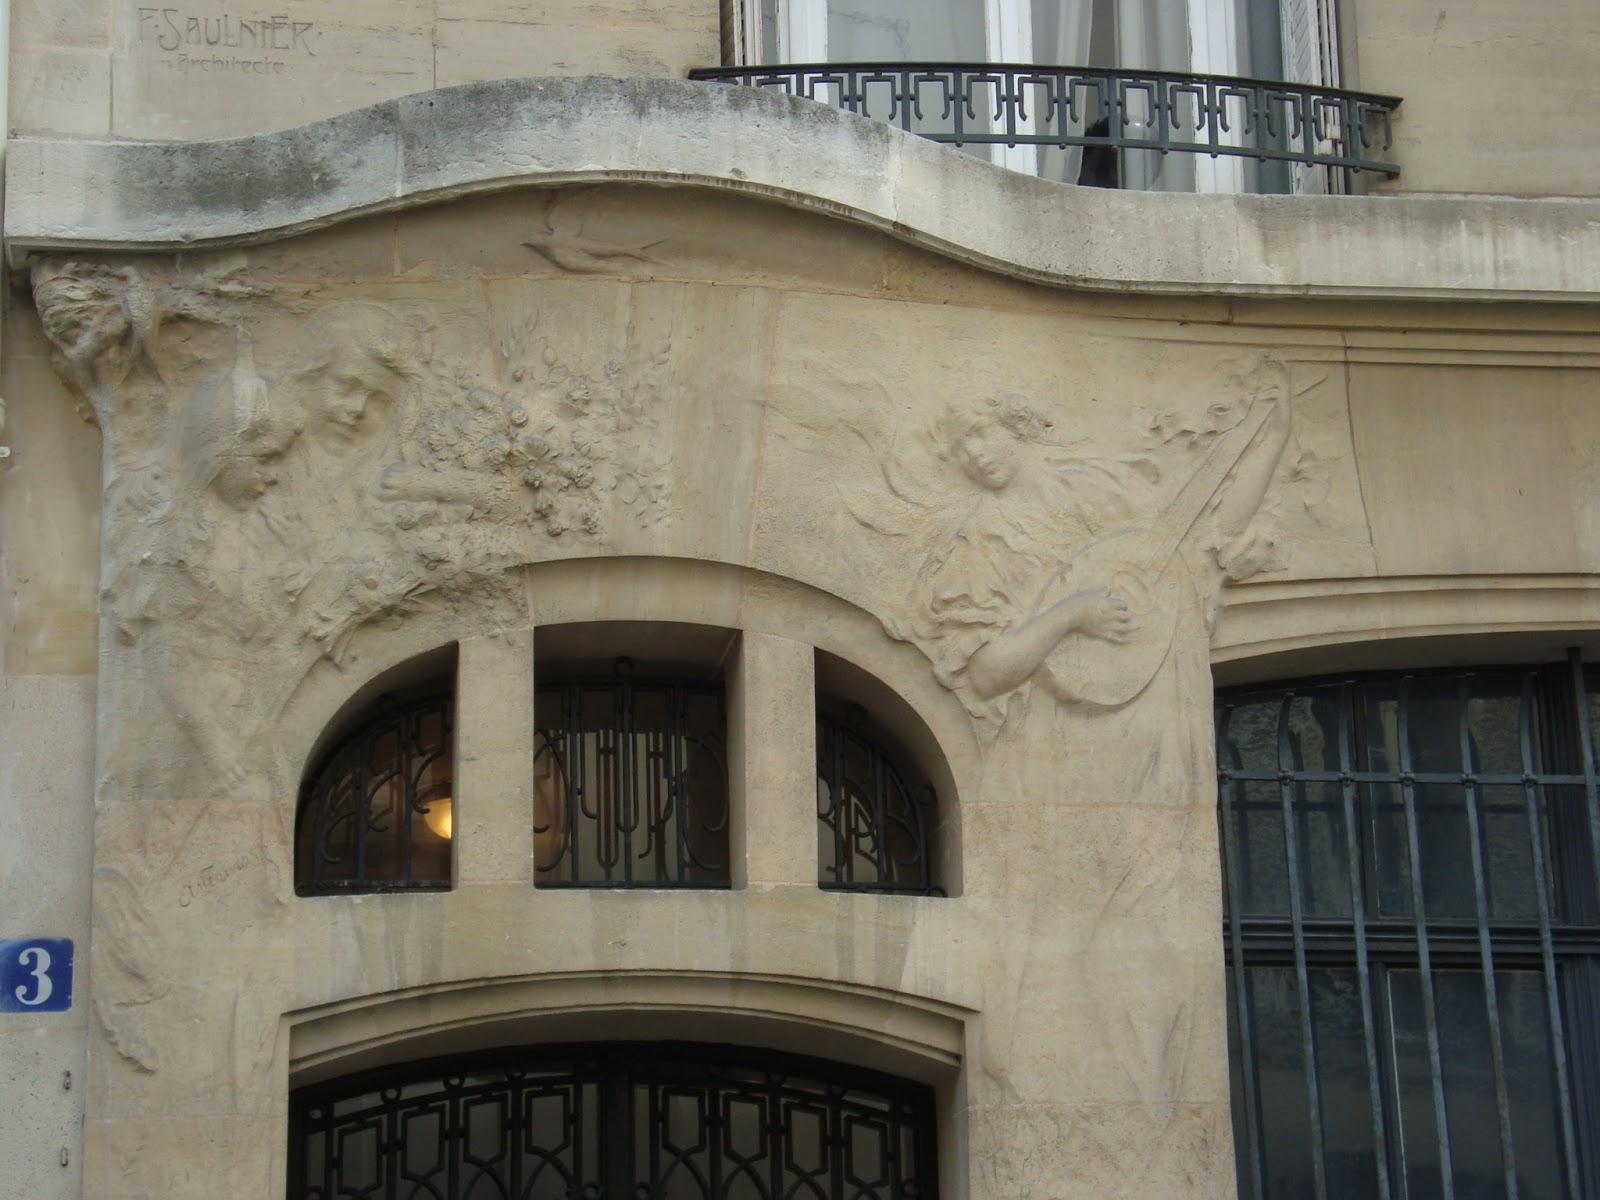 paseos art nouveau porte 37 3 rue cassini paris xiv architecte f saulnier sculpteur andr. Black Bedroom Furniture Sets. Home Design Ideas